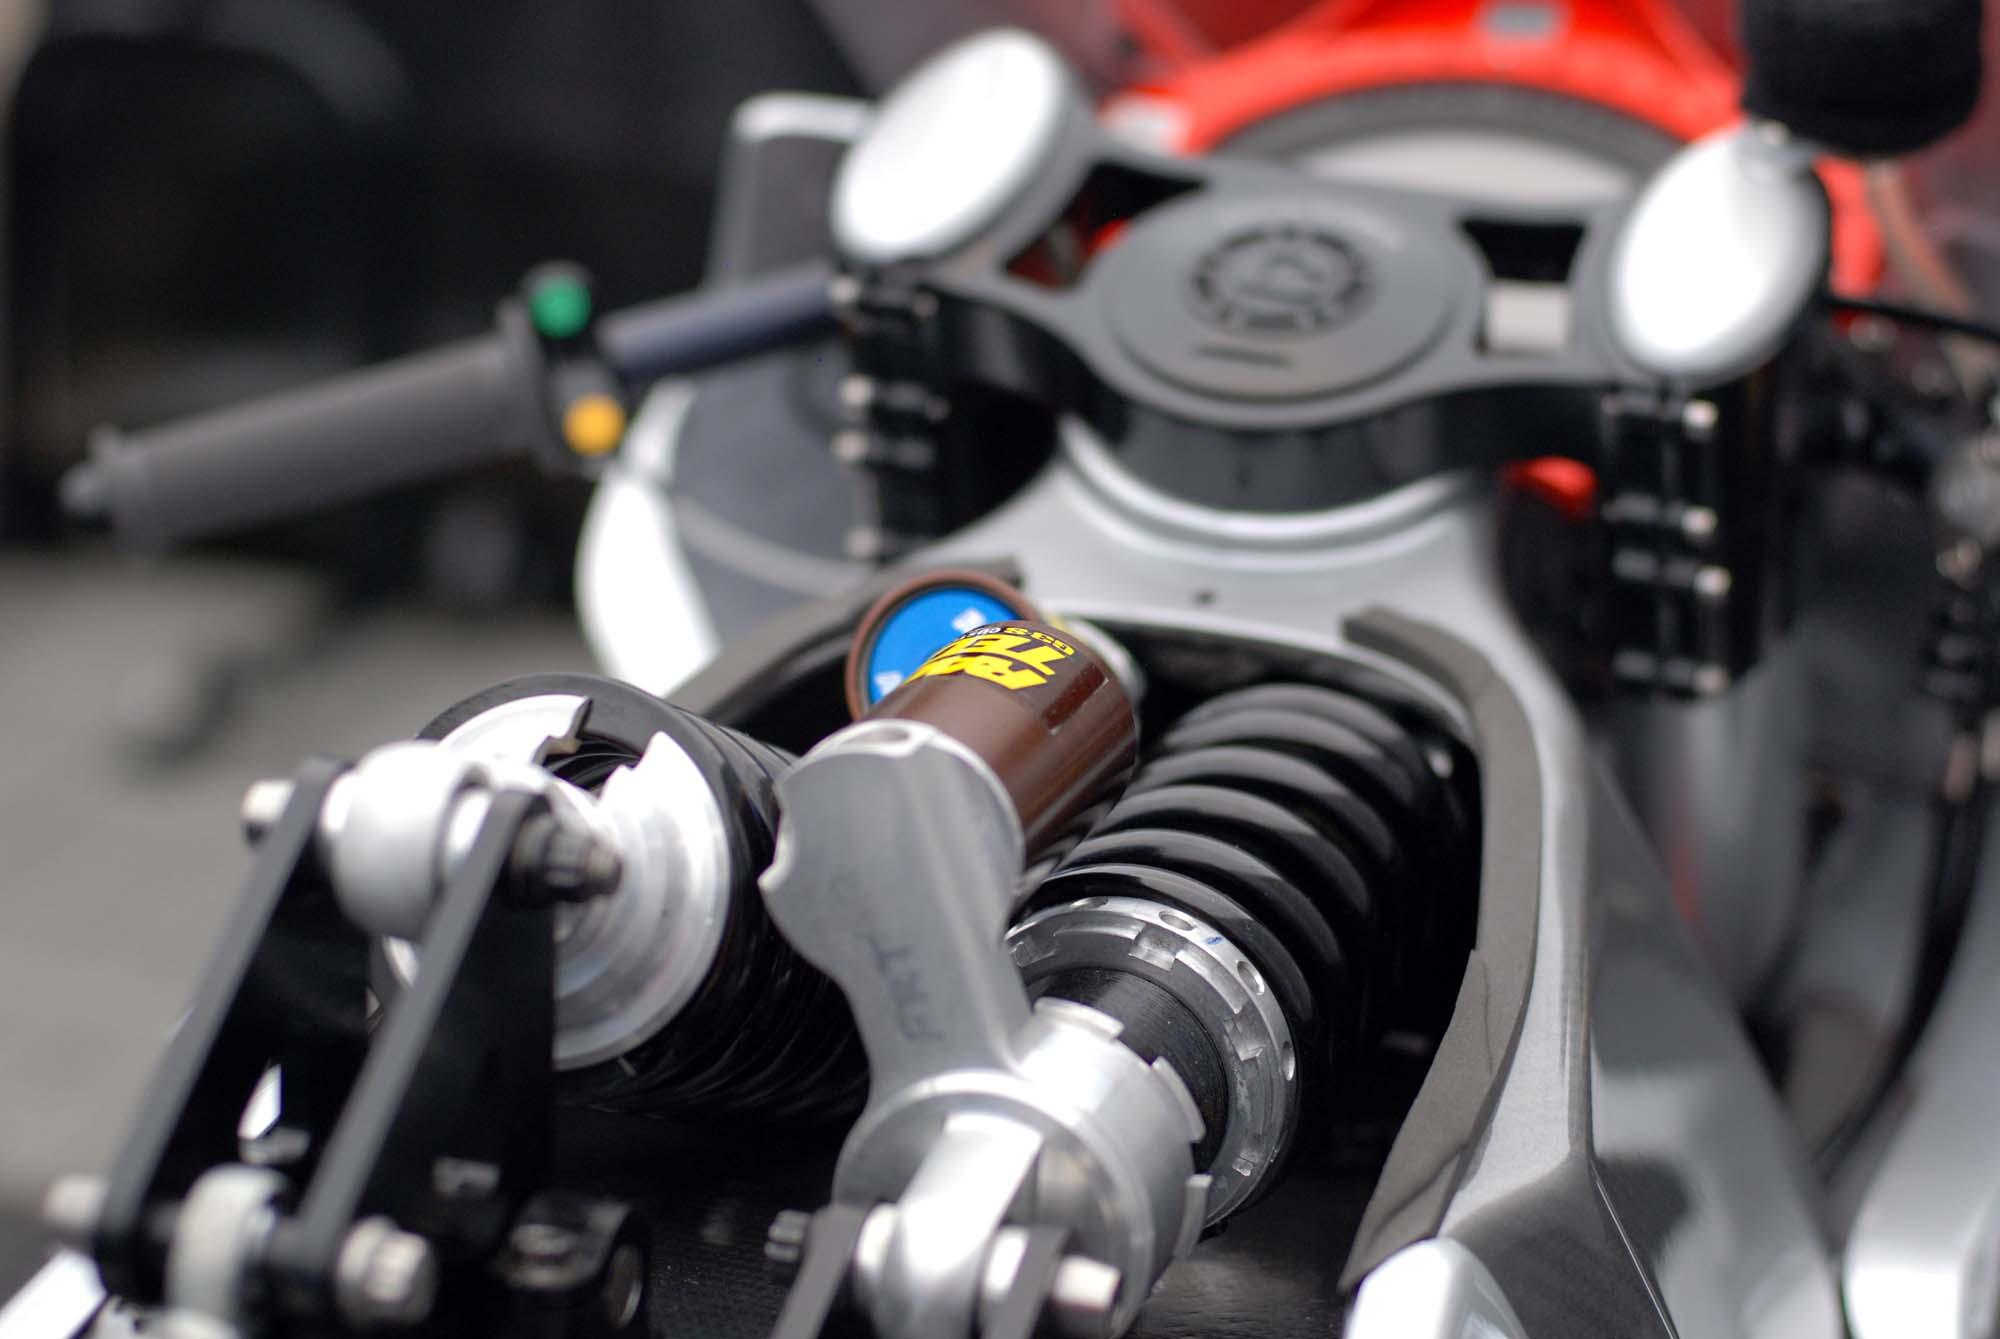 Laguna Seca Raceway >> MotoCzysz Performance Parts Coming Soon? - Asphalt & Rubber